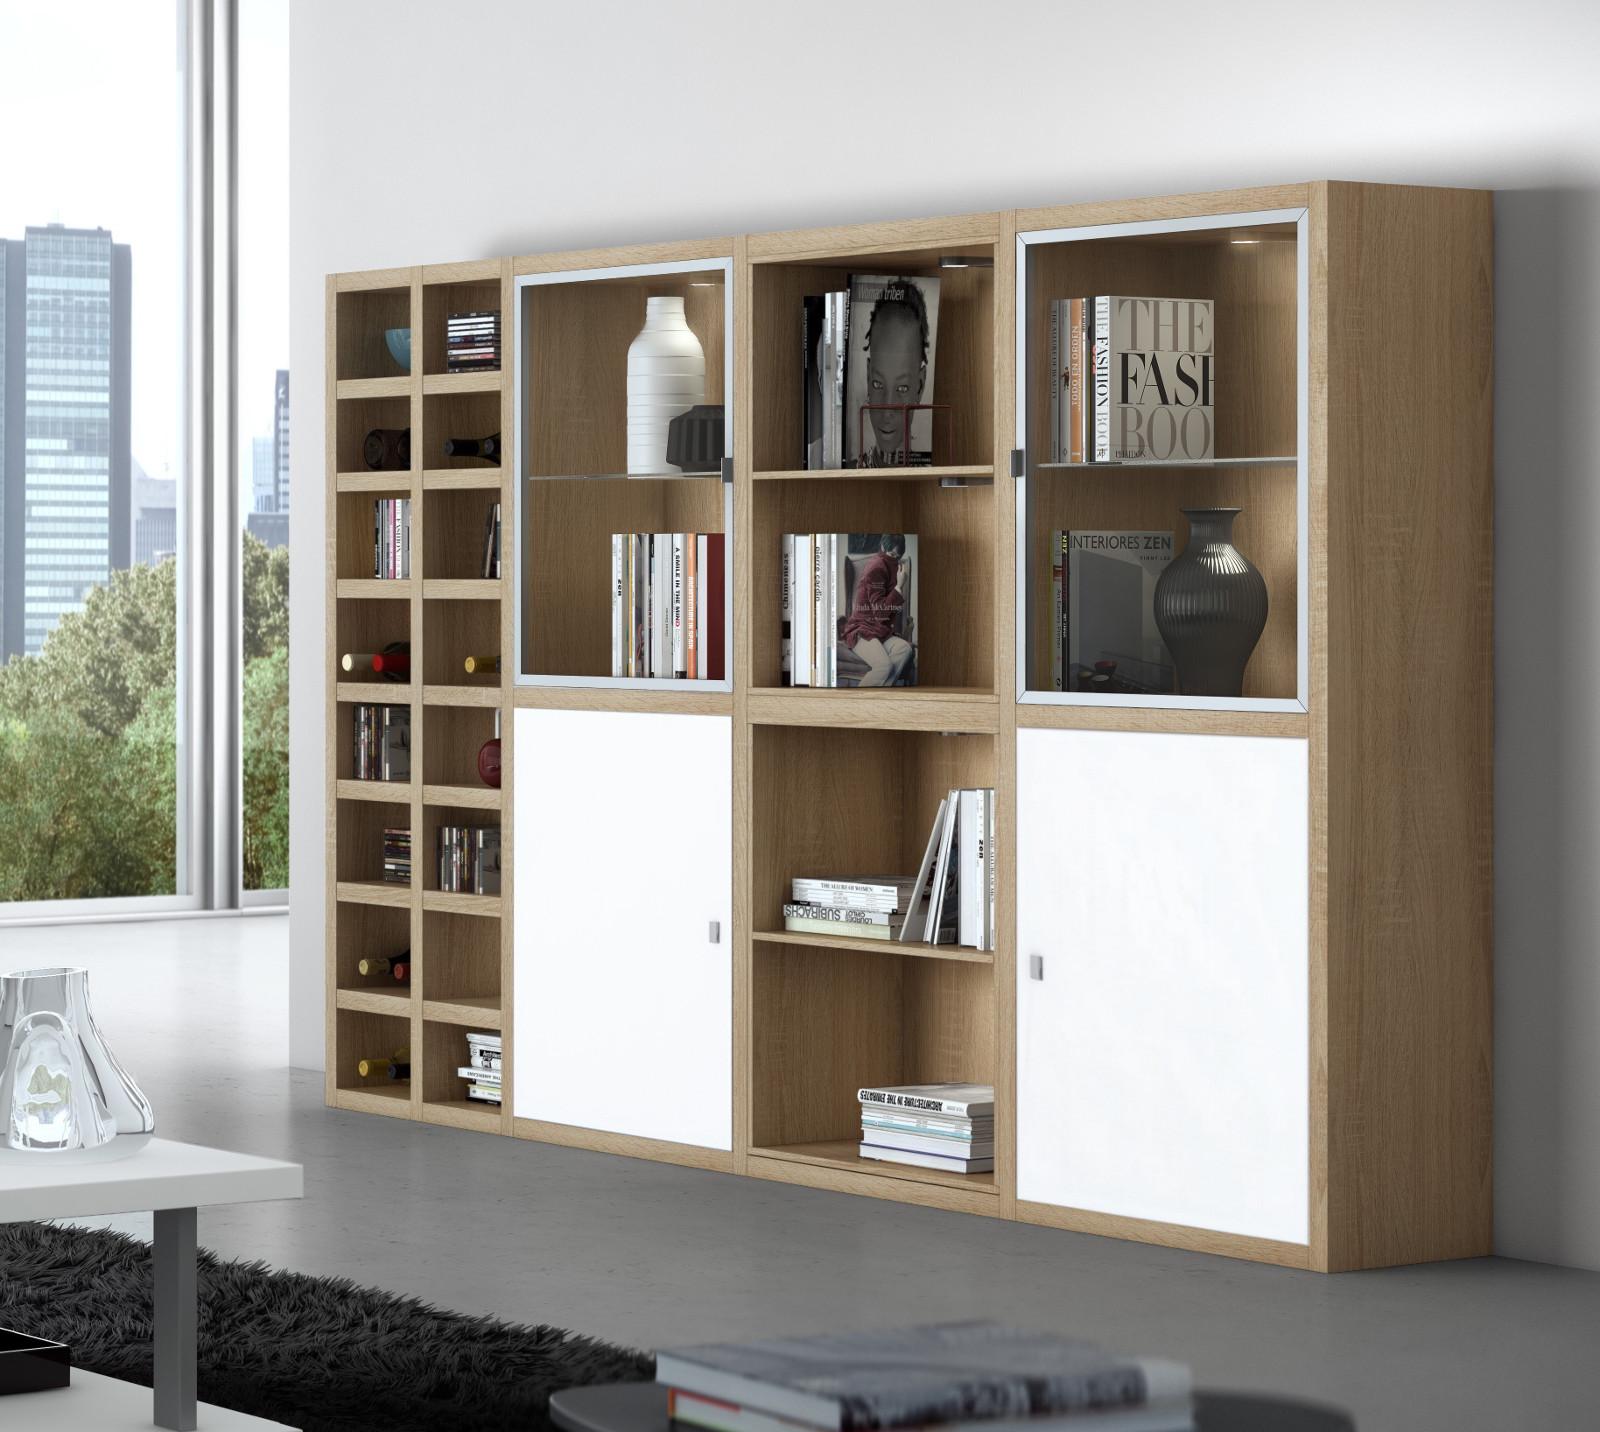 Wohnzimmermöbel weiß hochglanz  Wohnwand Schrankwand Wei Hochglanz. Elegant Modular Storage Wall ...